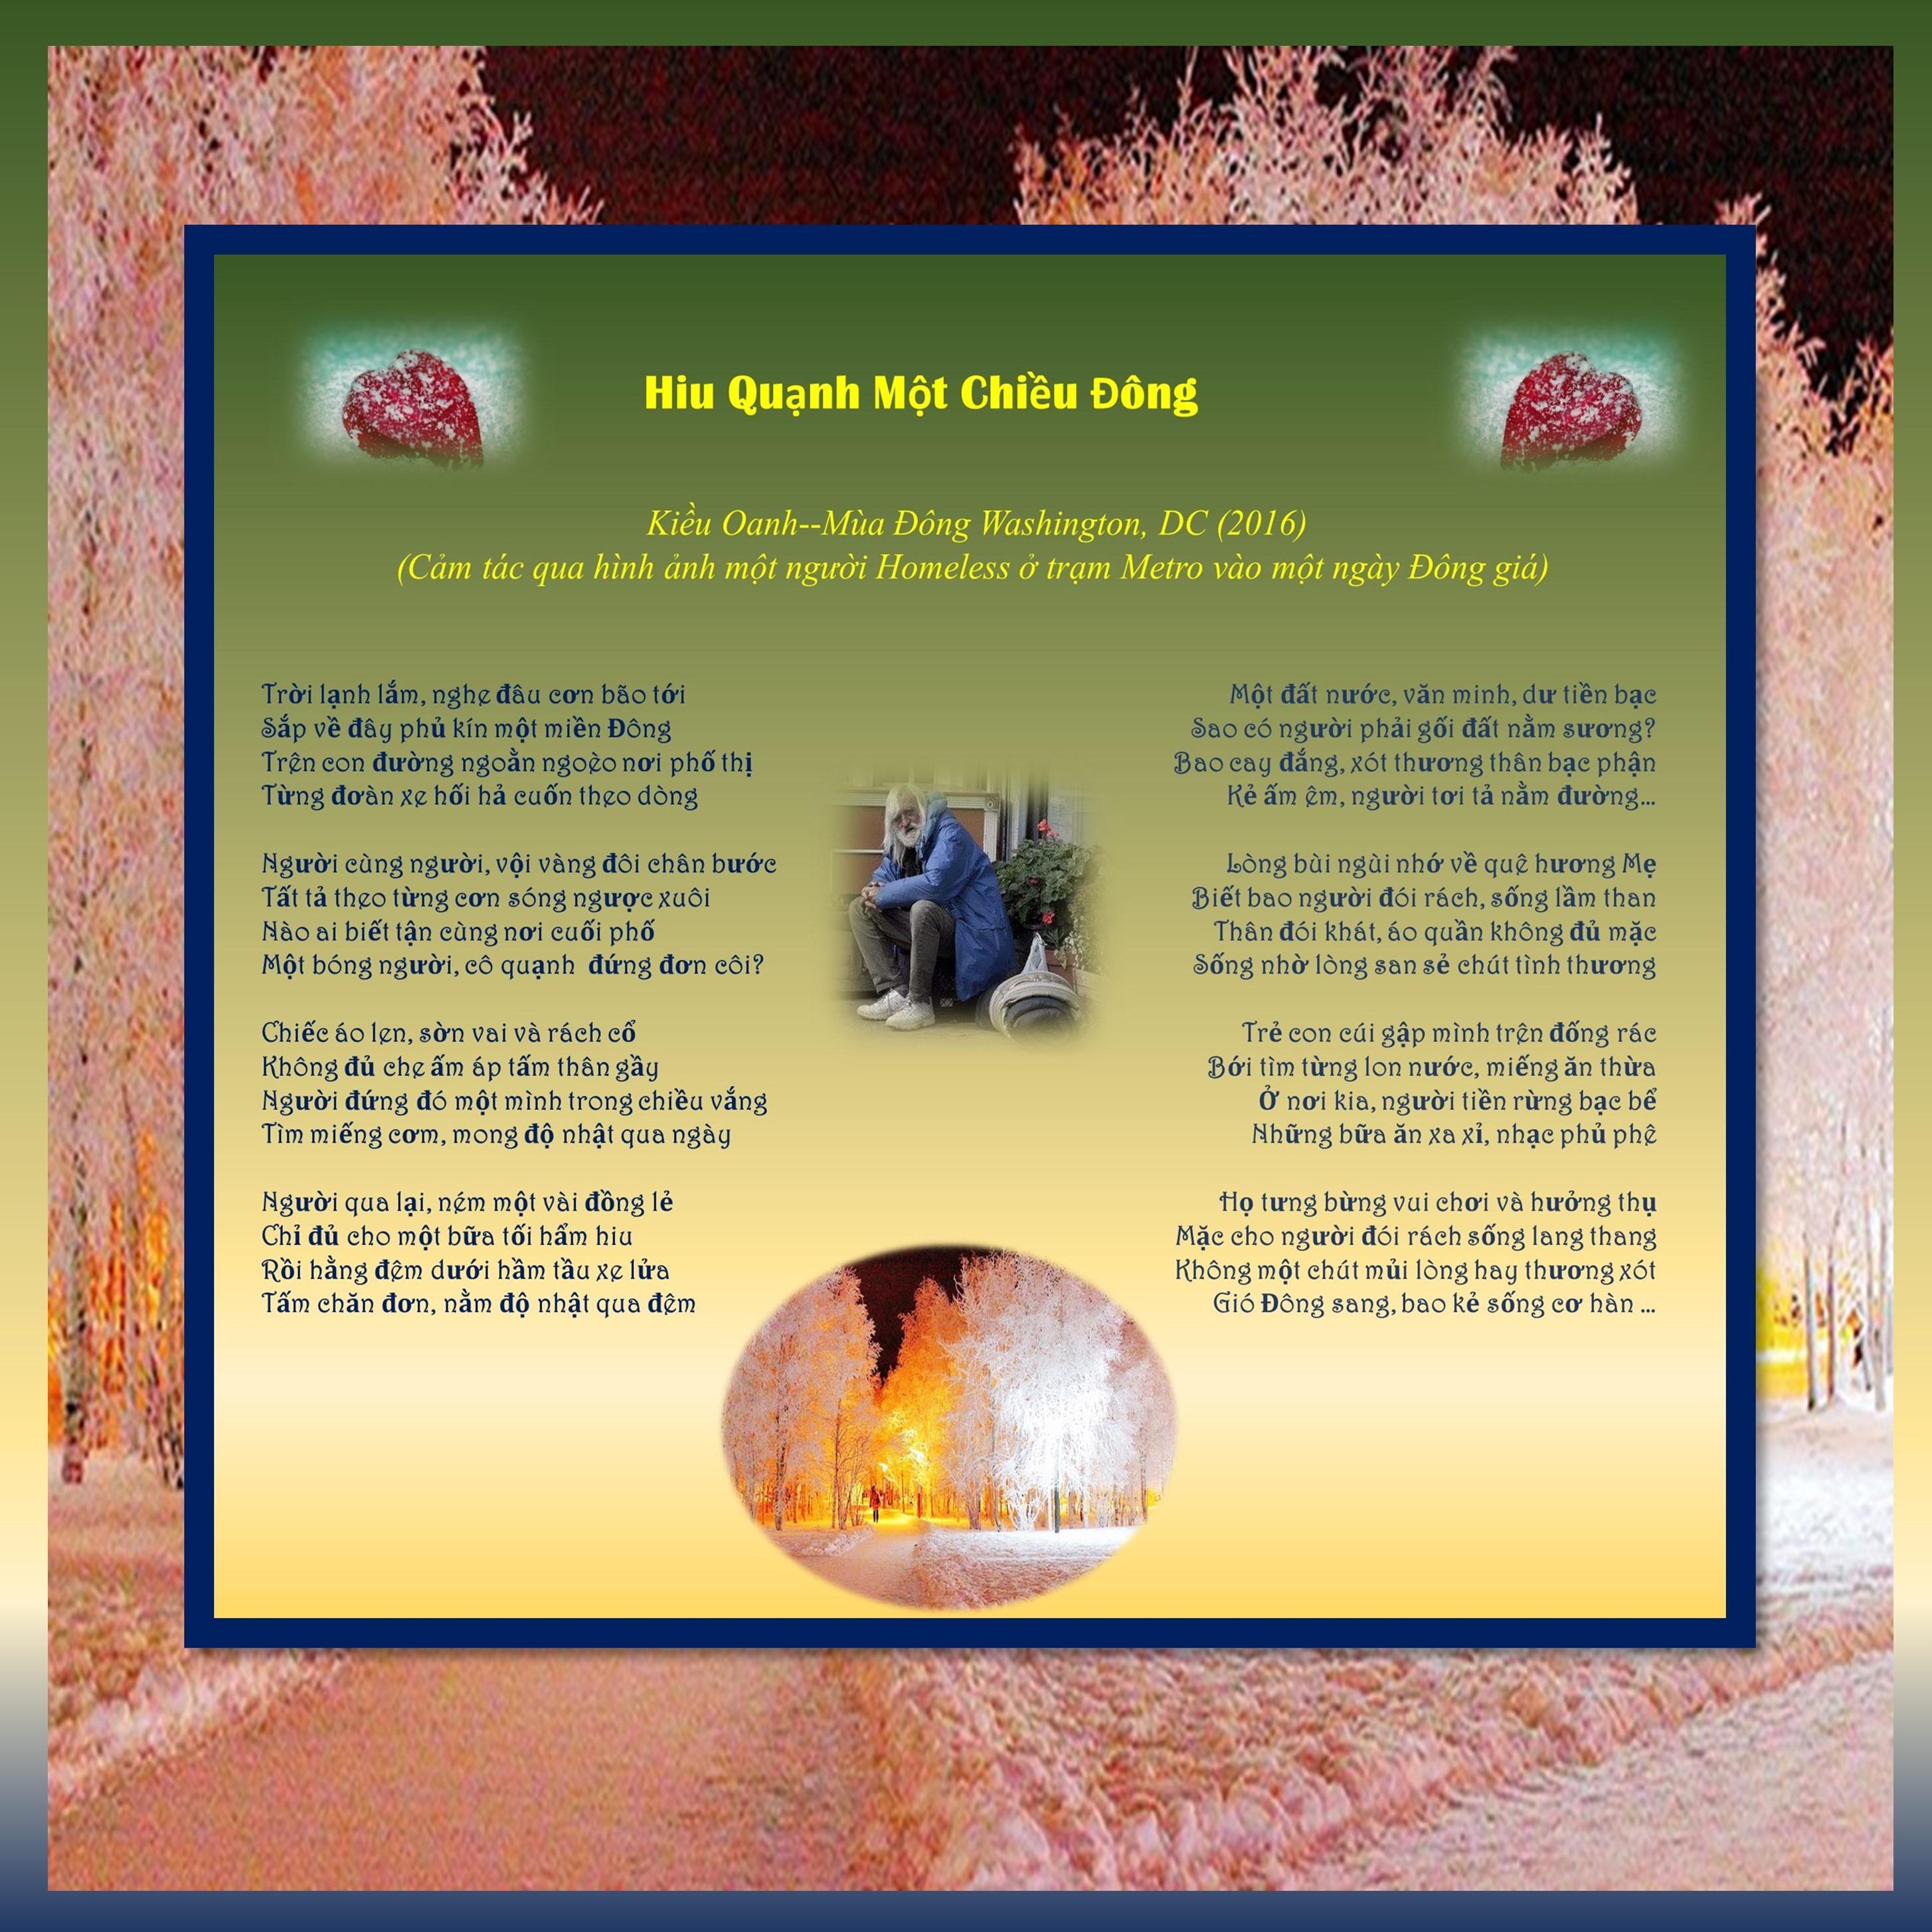 Hiu Quanh 1 Chieu Dong